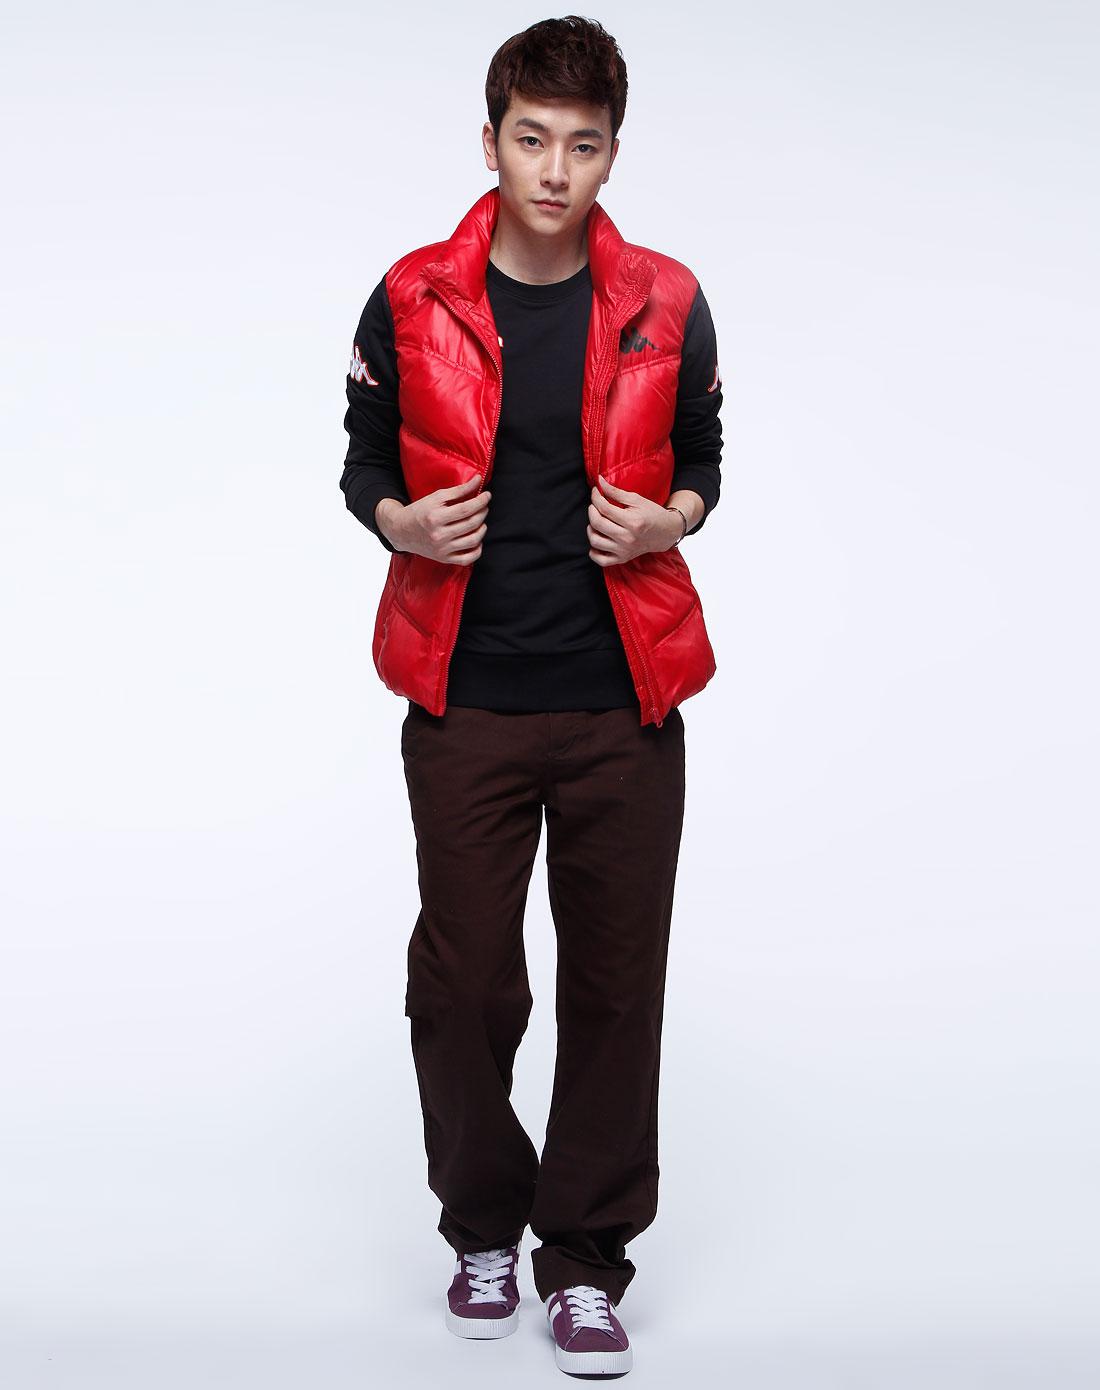 卡帕kappa男装专场-红色时尚羽绒马甲